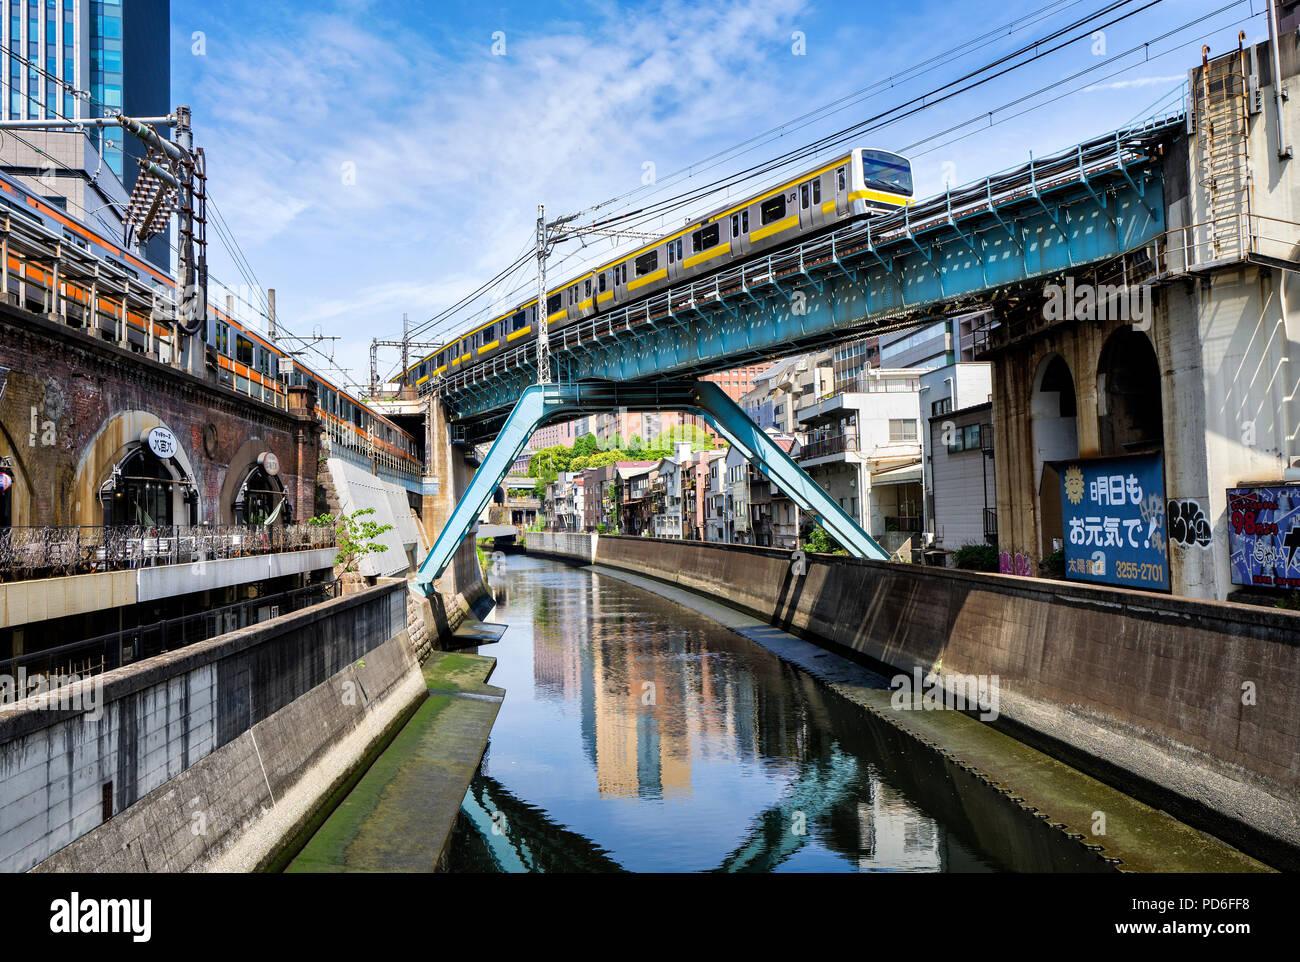 L'île de Honshu, Japon, Tokyo, Kanto, croisement des lignes de chemin de fer sur une rivière. Photo Stock